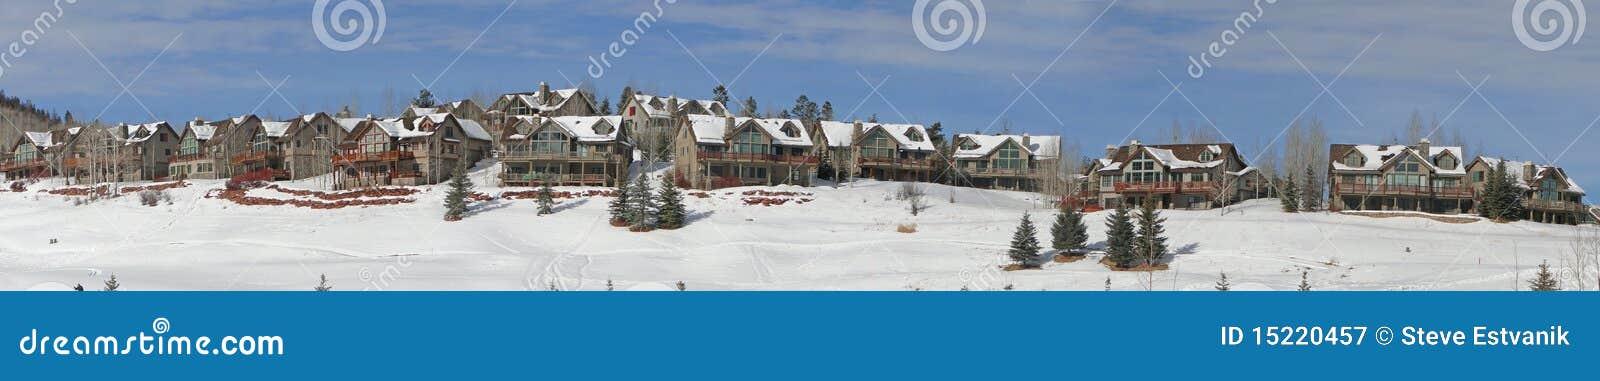 Inverno, as grandes casas negligenciam o campo nevado